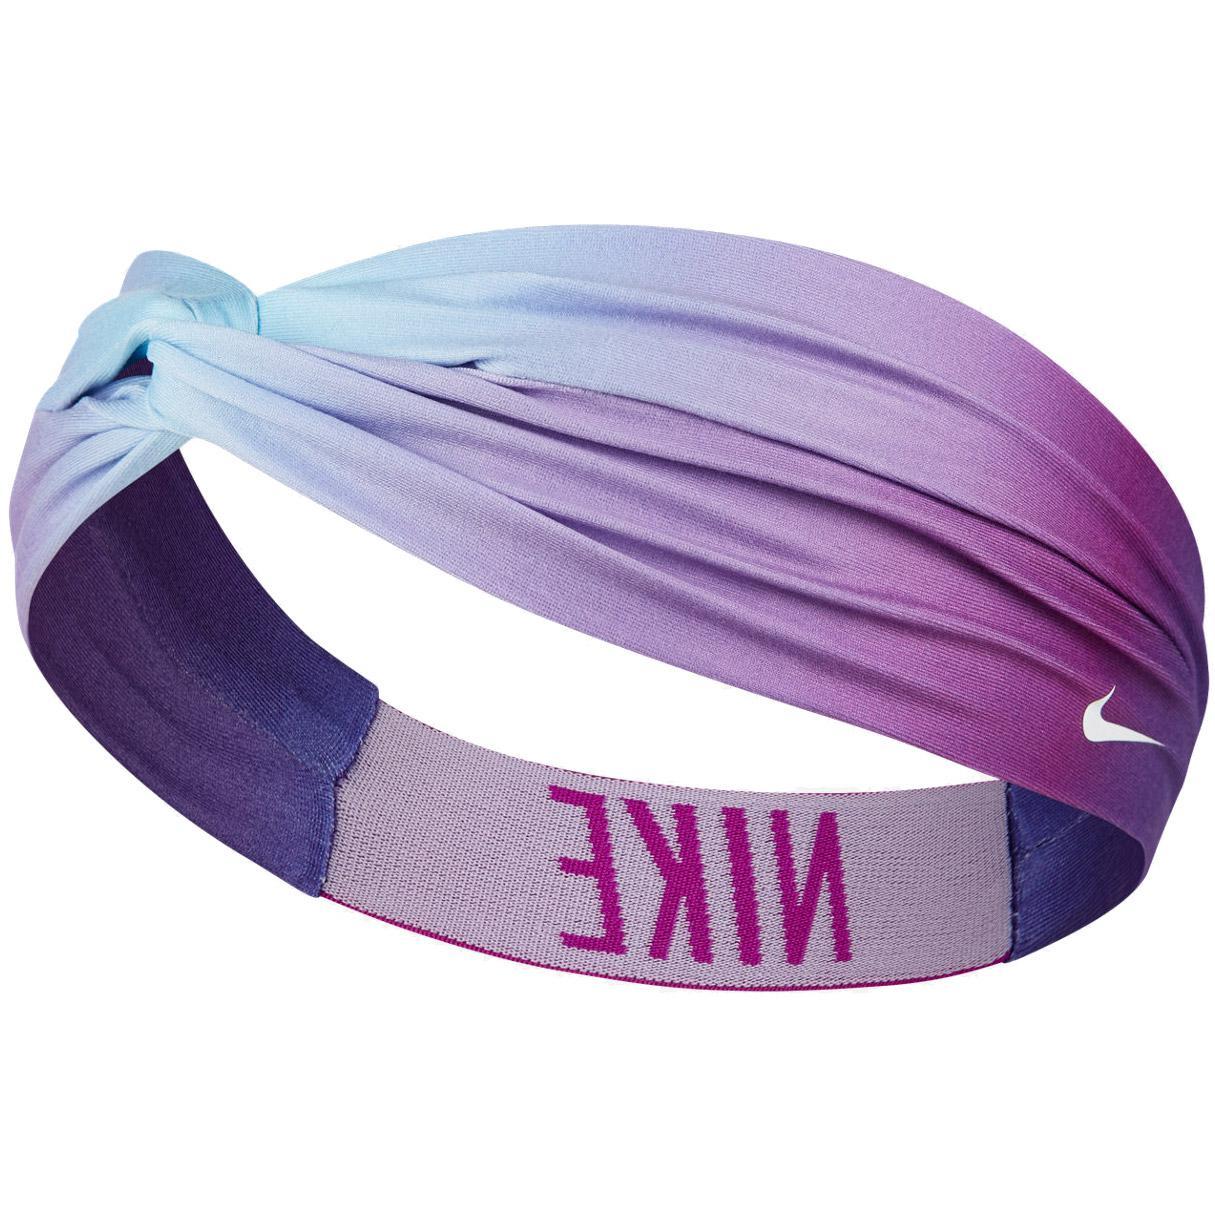 Nike Logo Twist Headband - Blue Purple - Tennisnuts.com f14238b3e55